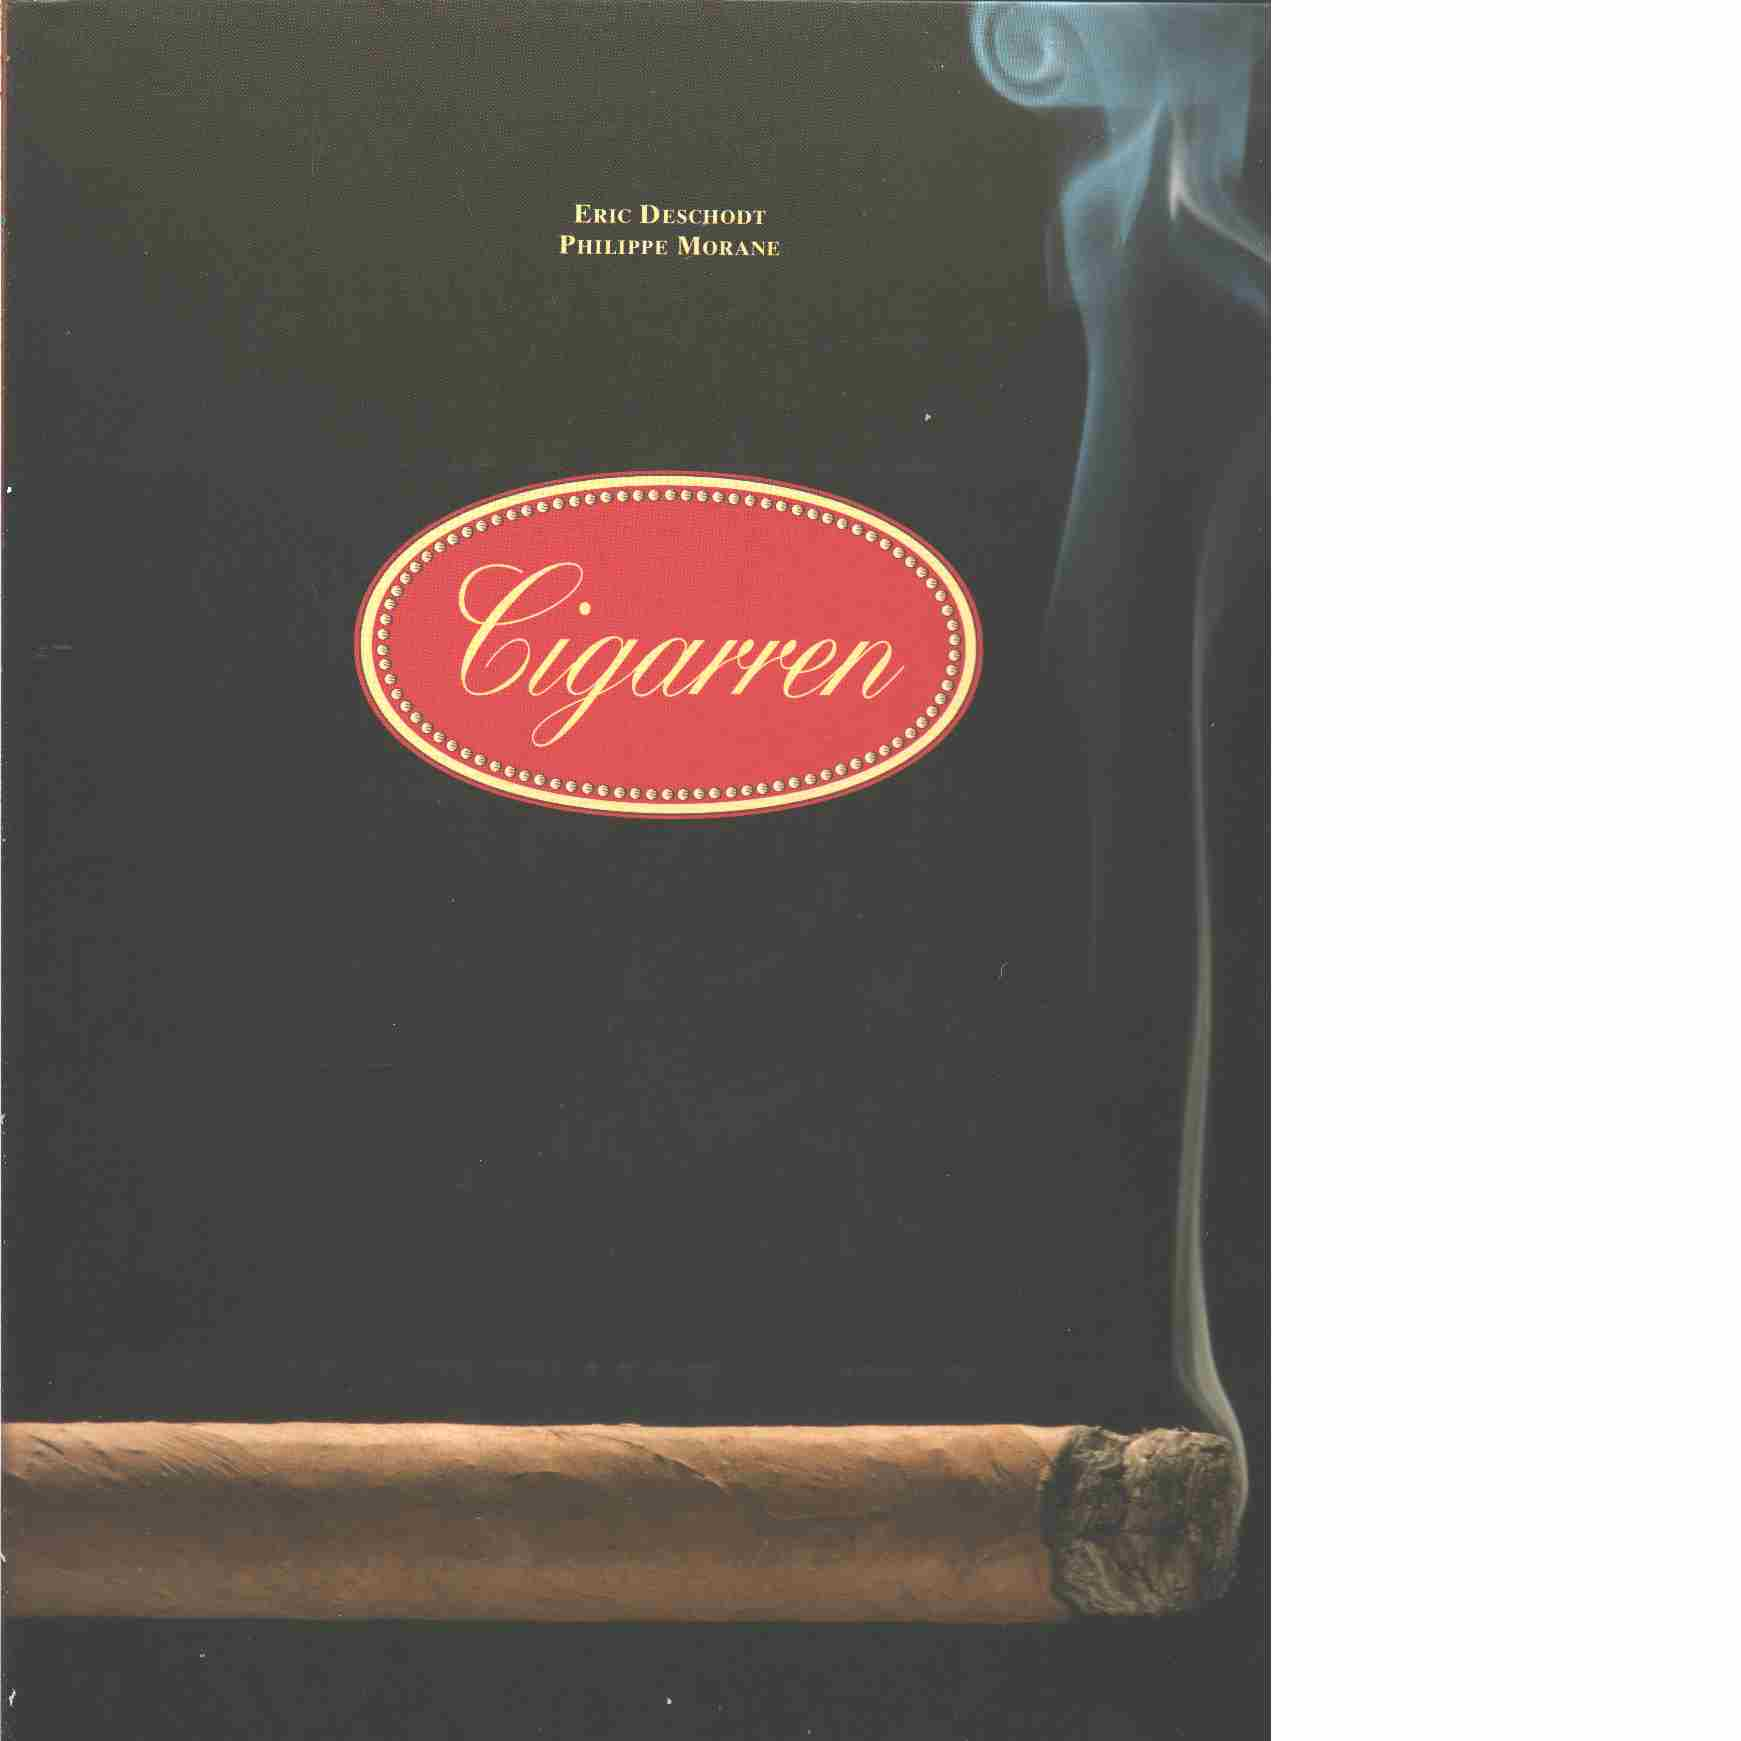 Cigarren - Deschodt, Eric